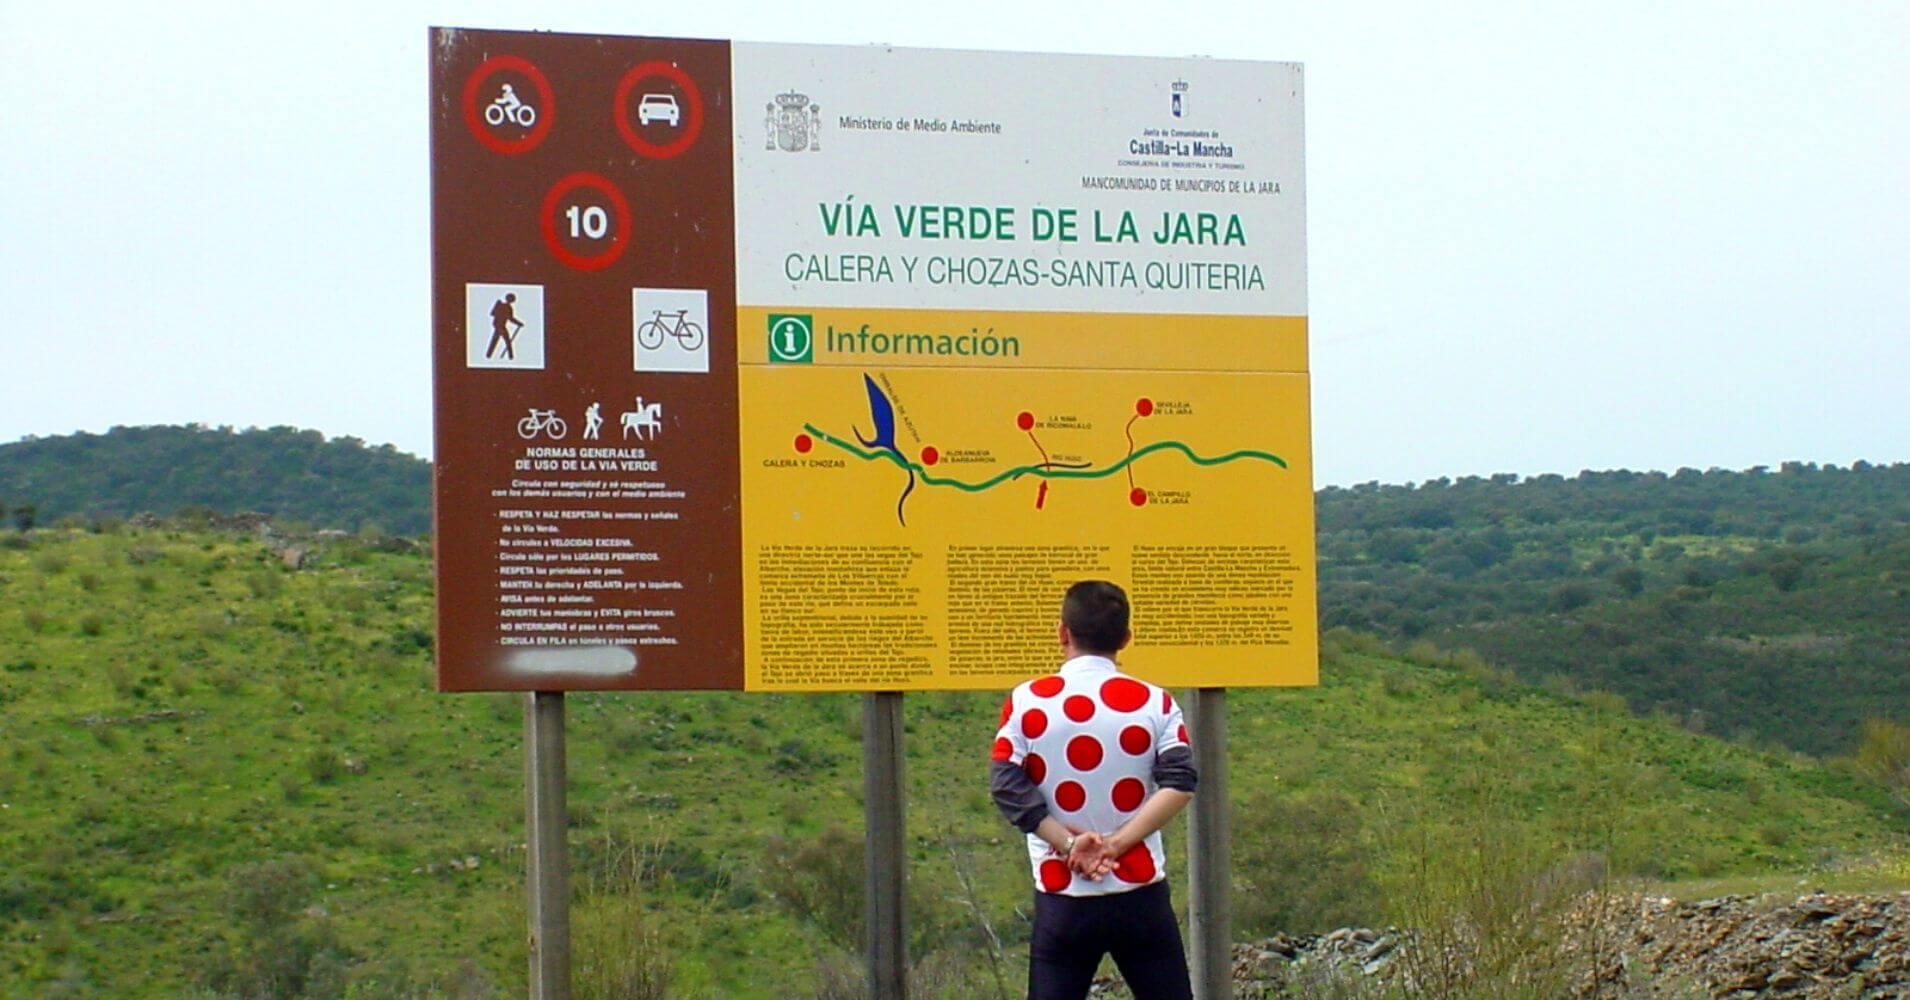 Cartel de la Vía Verde de La Jara. Calera y Chozas, Toledo, Castilla la Mancha.